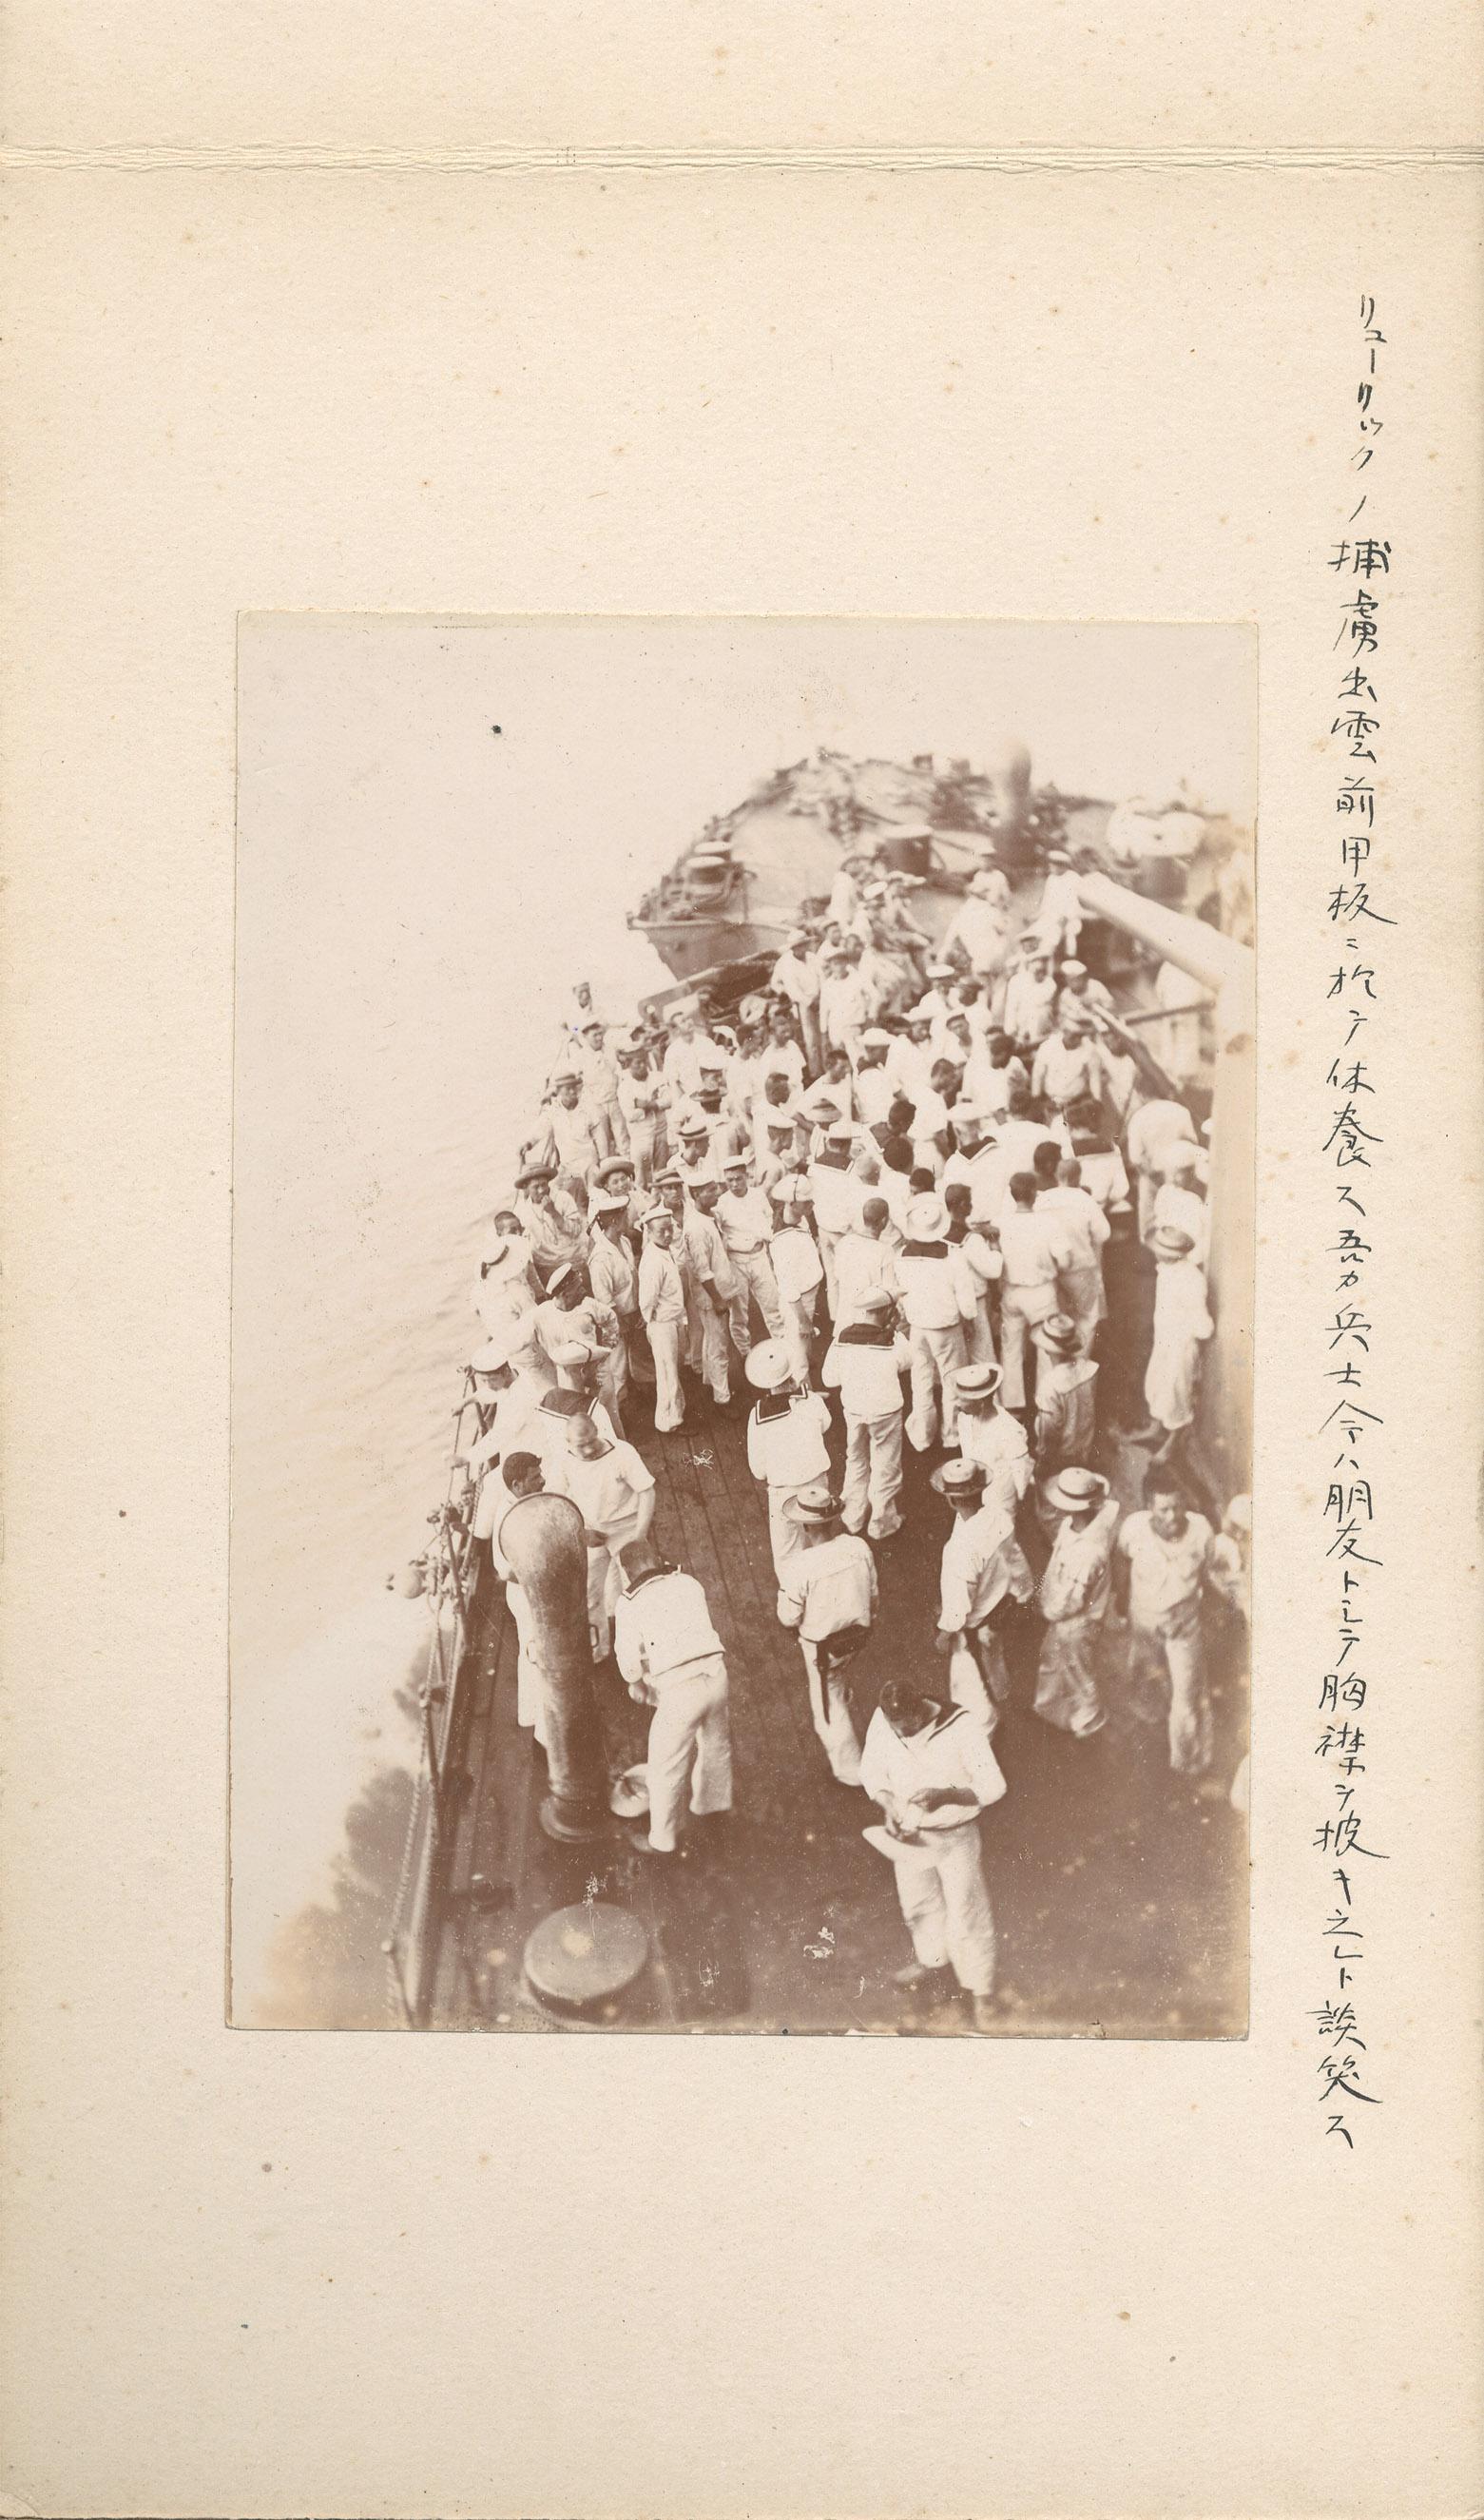 yoshimoto021